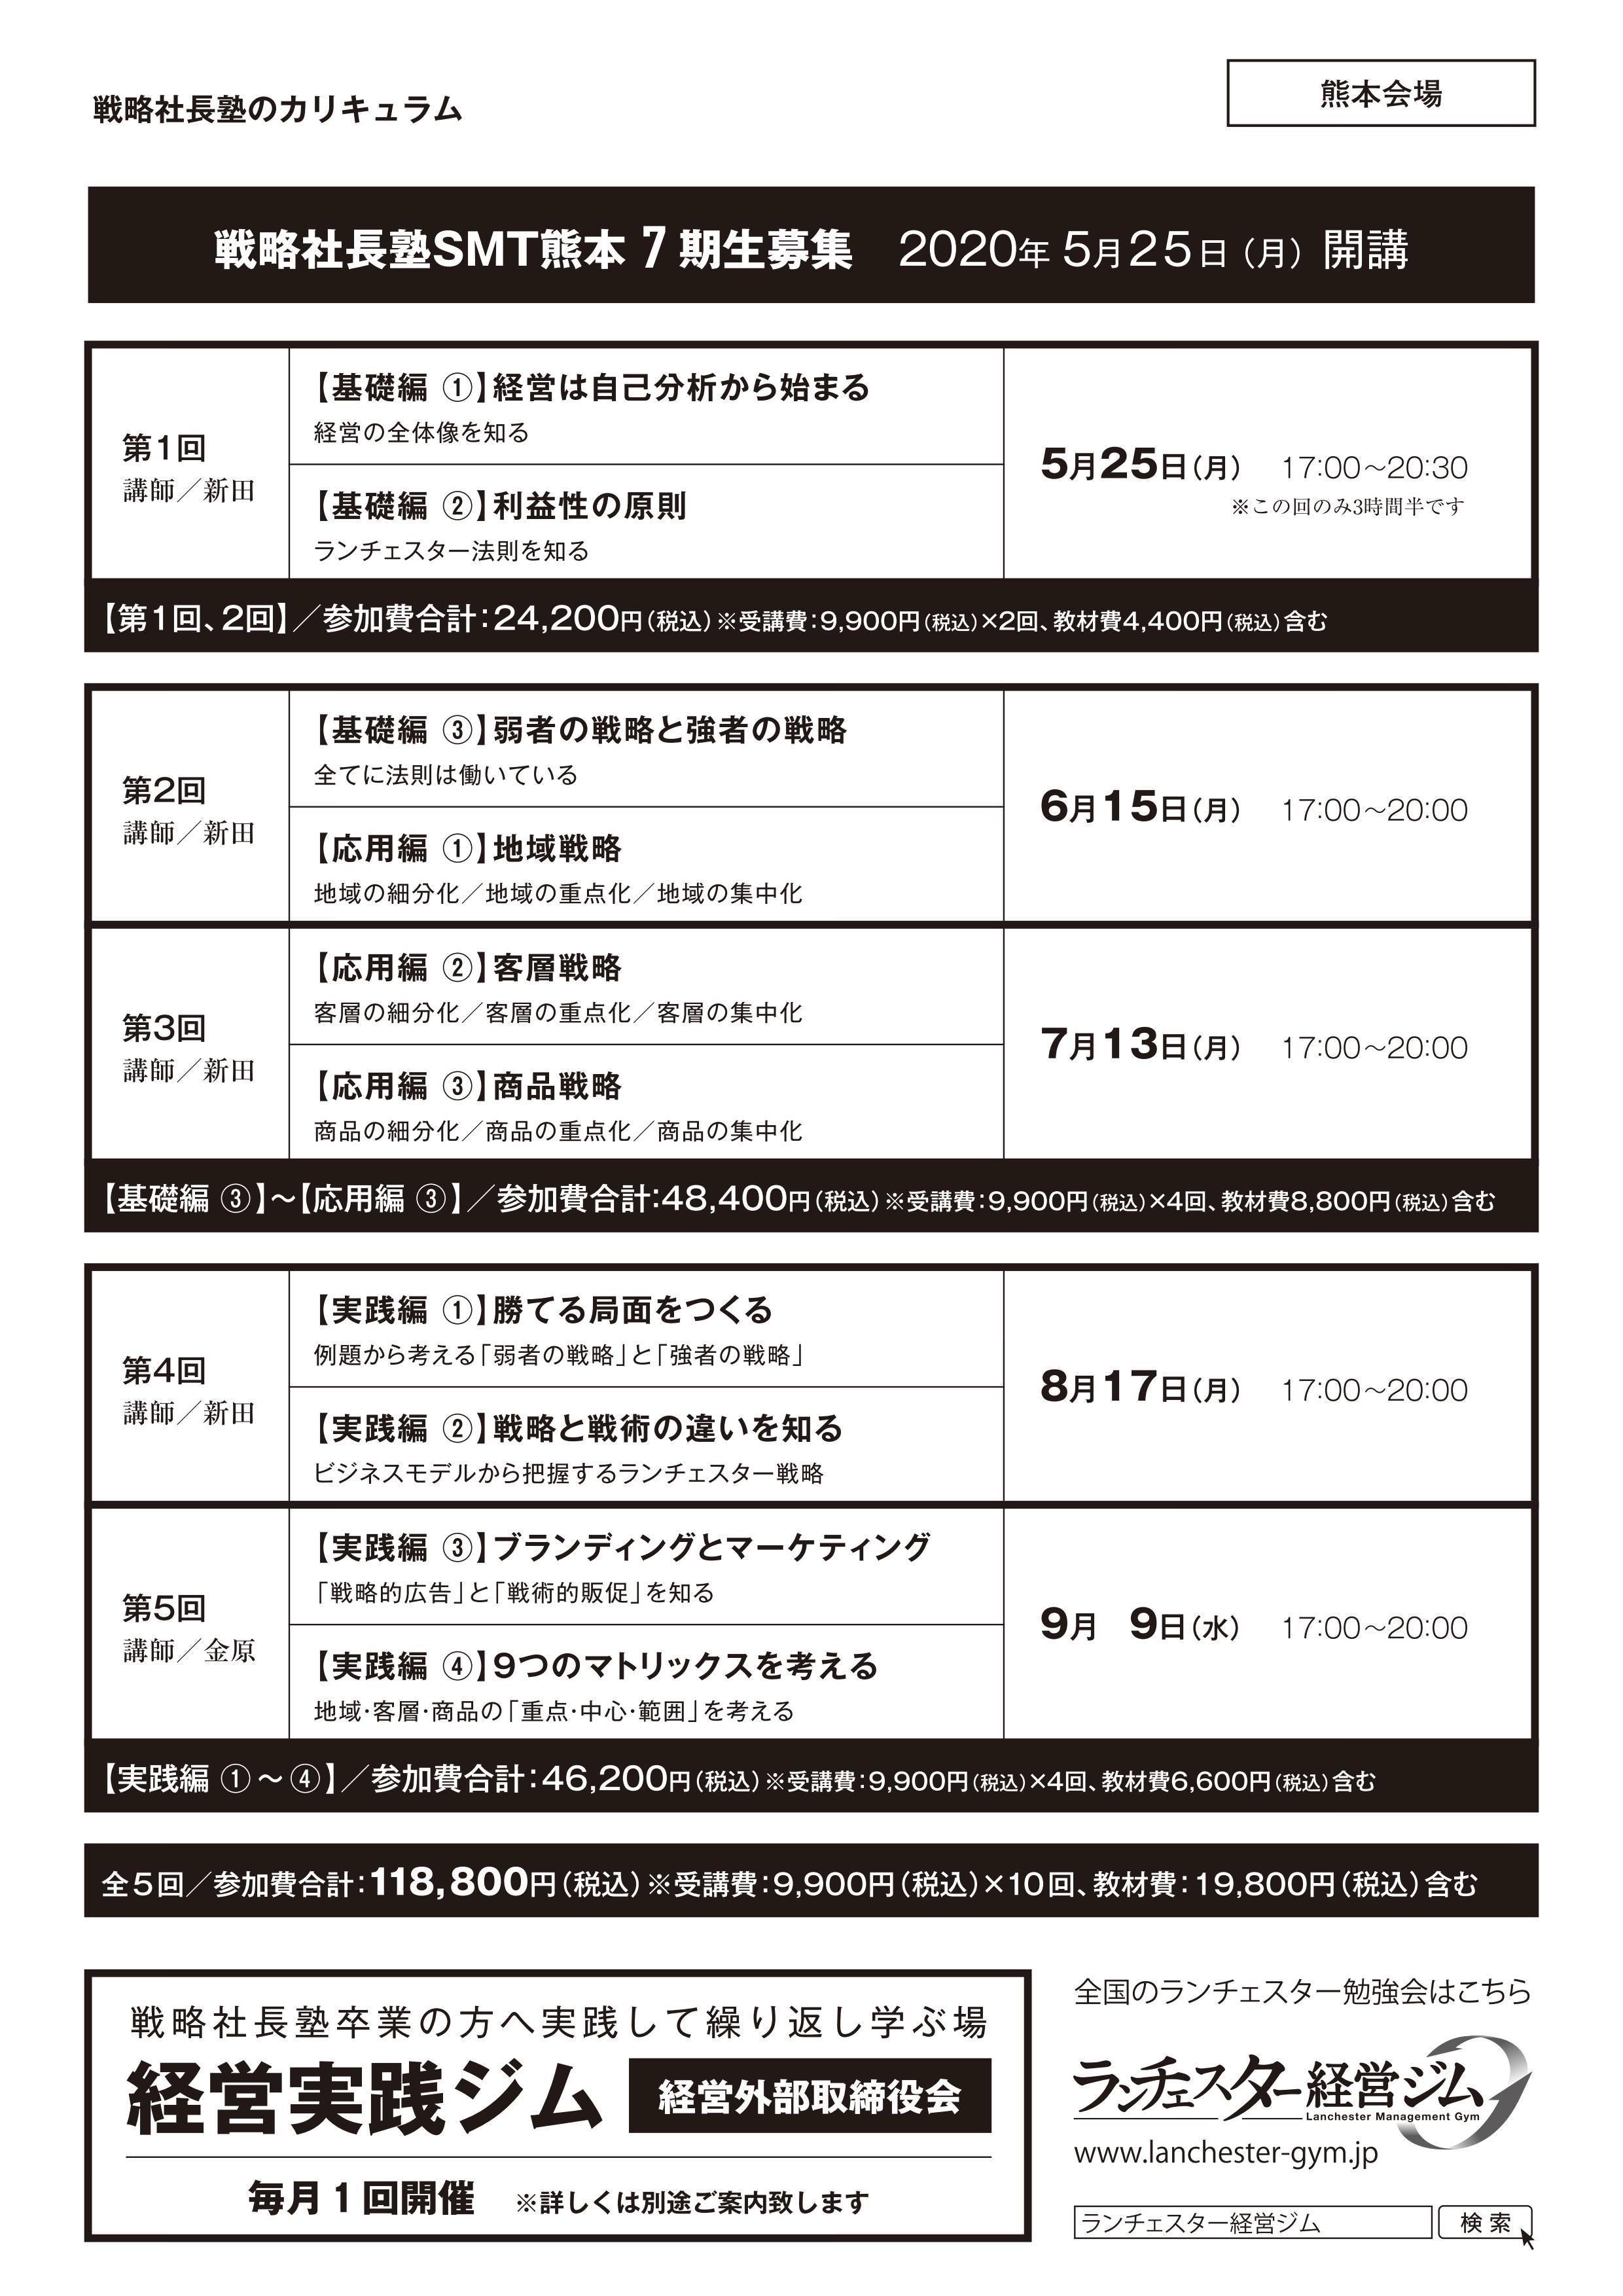 戦略社長塾_SMT熊本_第7期_C_02.jpg